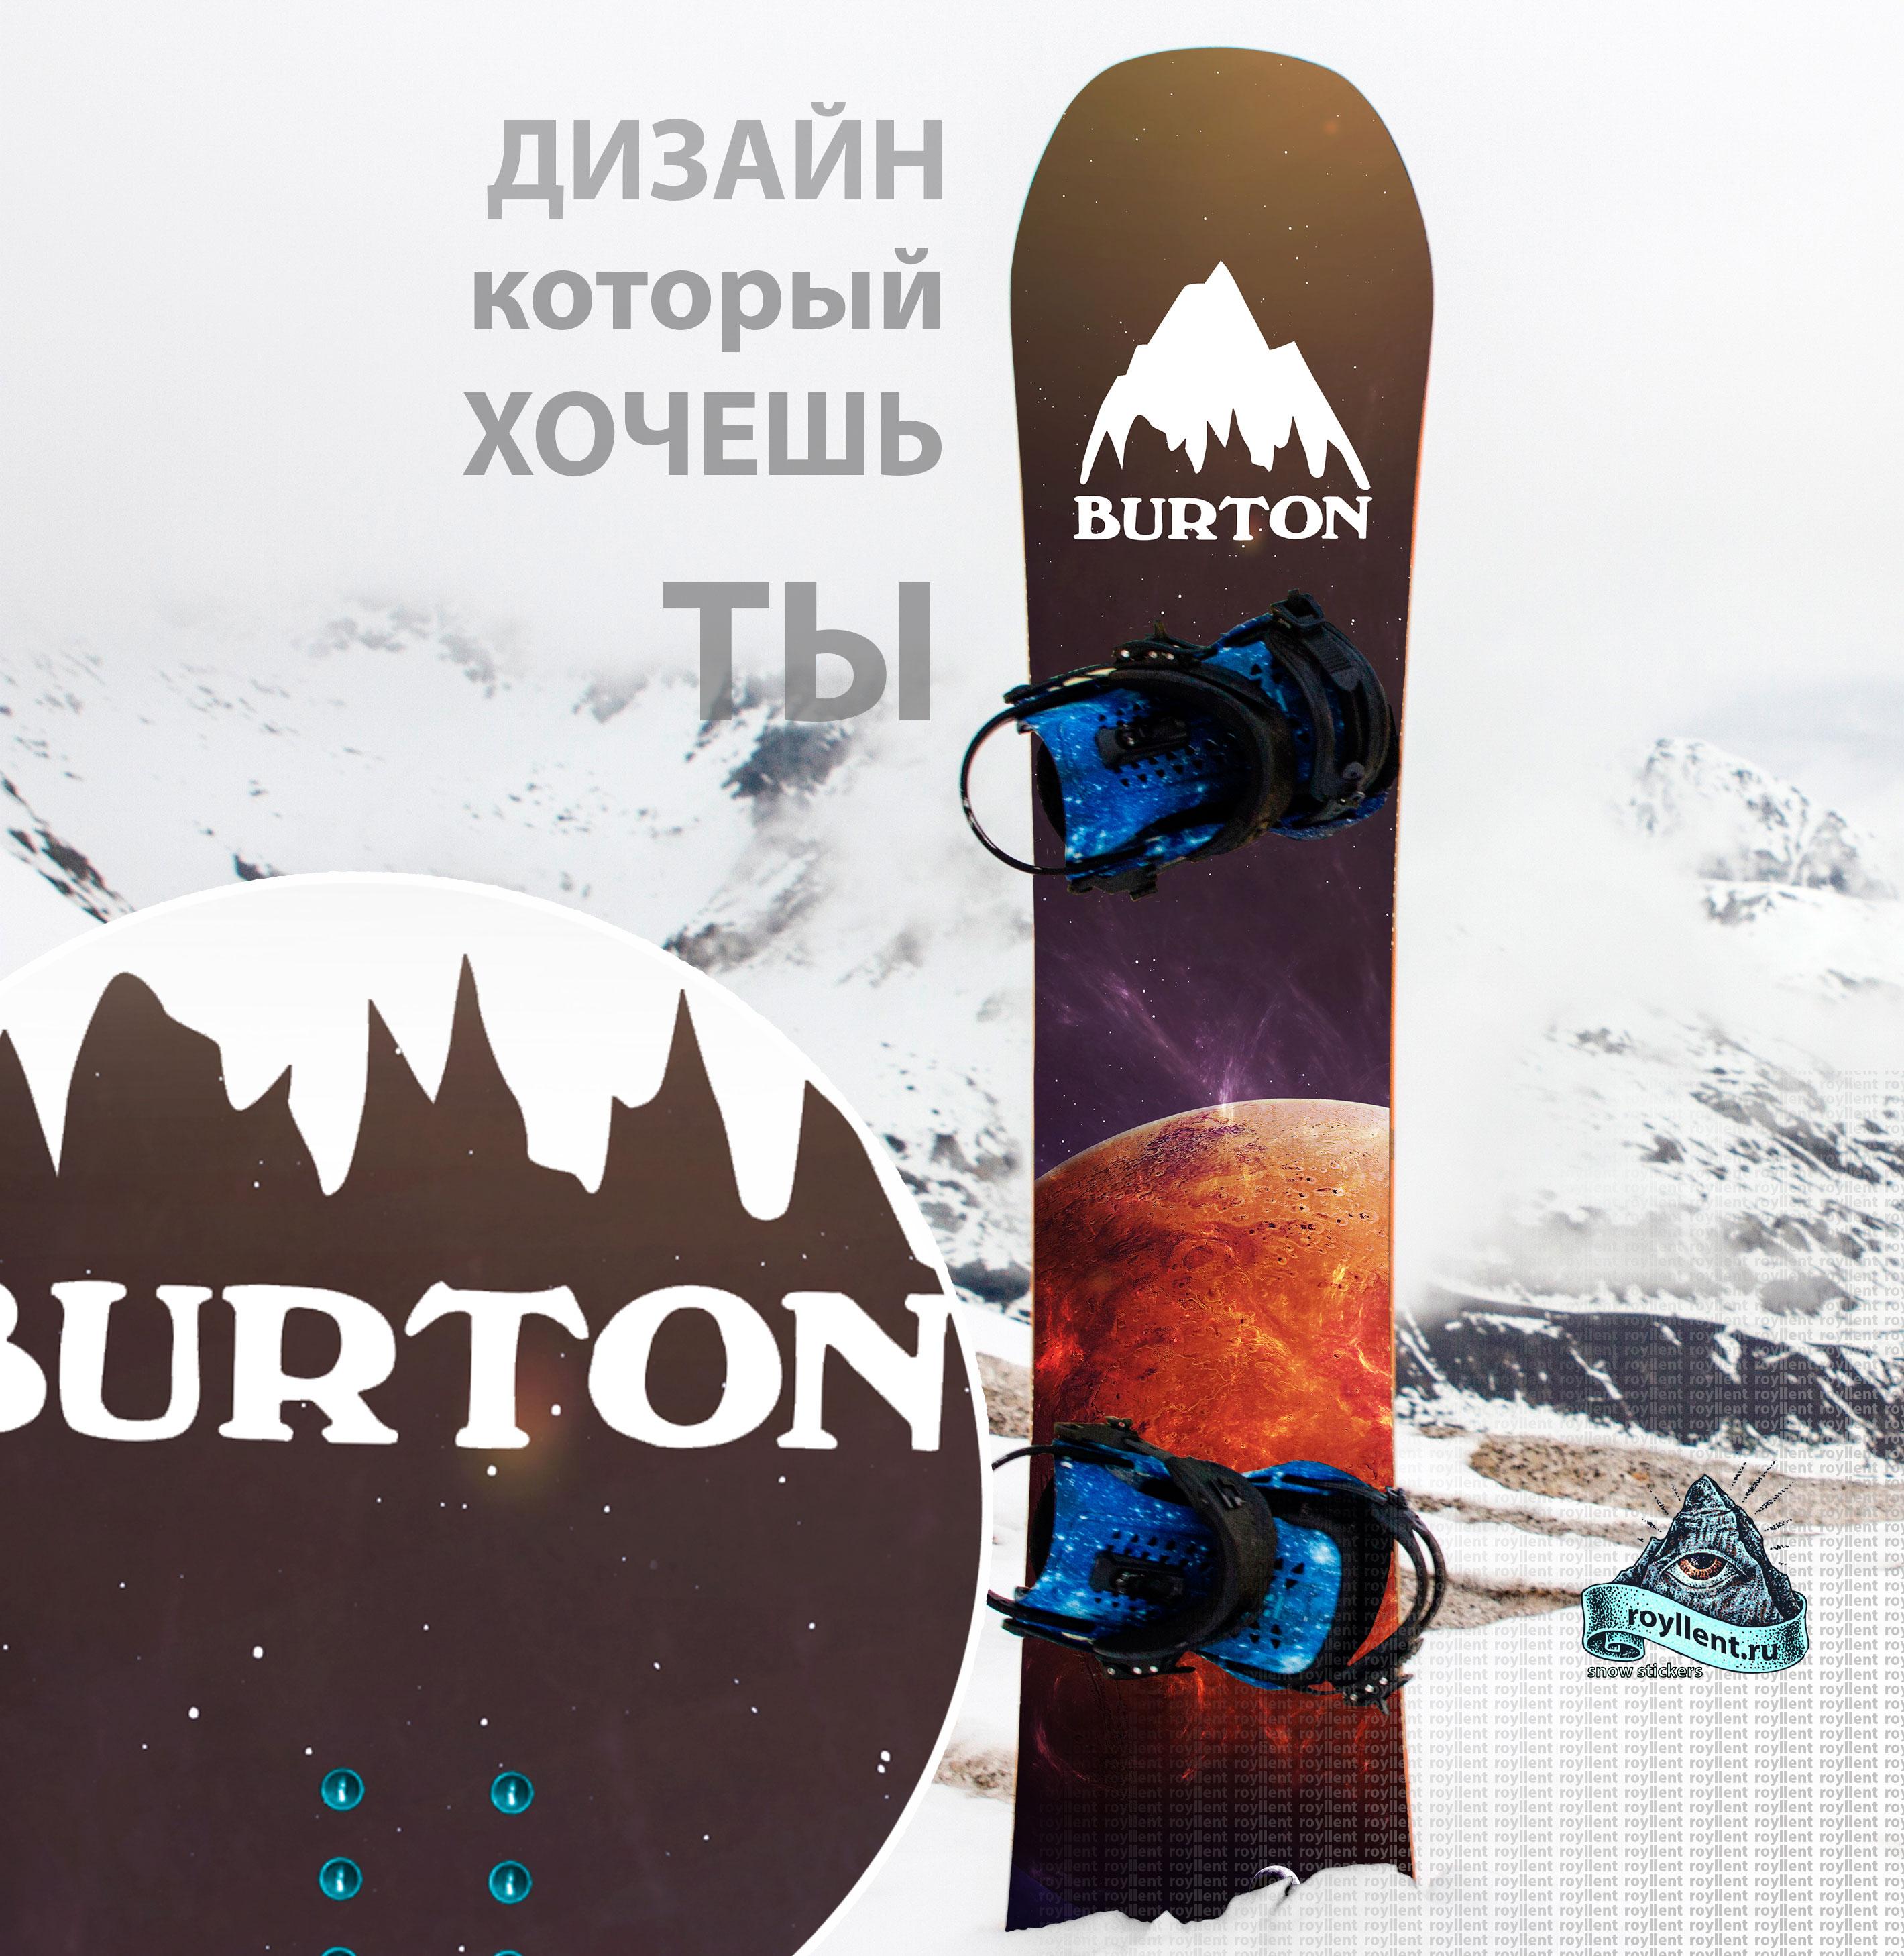 Купить виниловую наклейку burton на сноуборд с доставкой до Сочи или Москвы